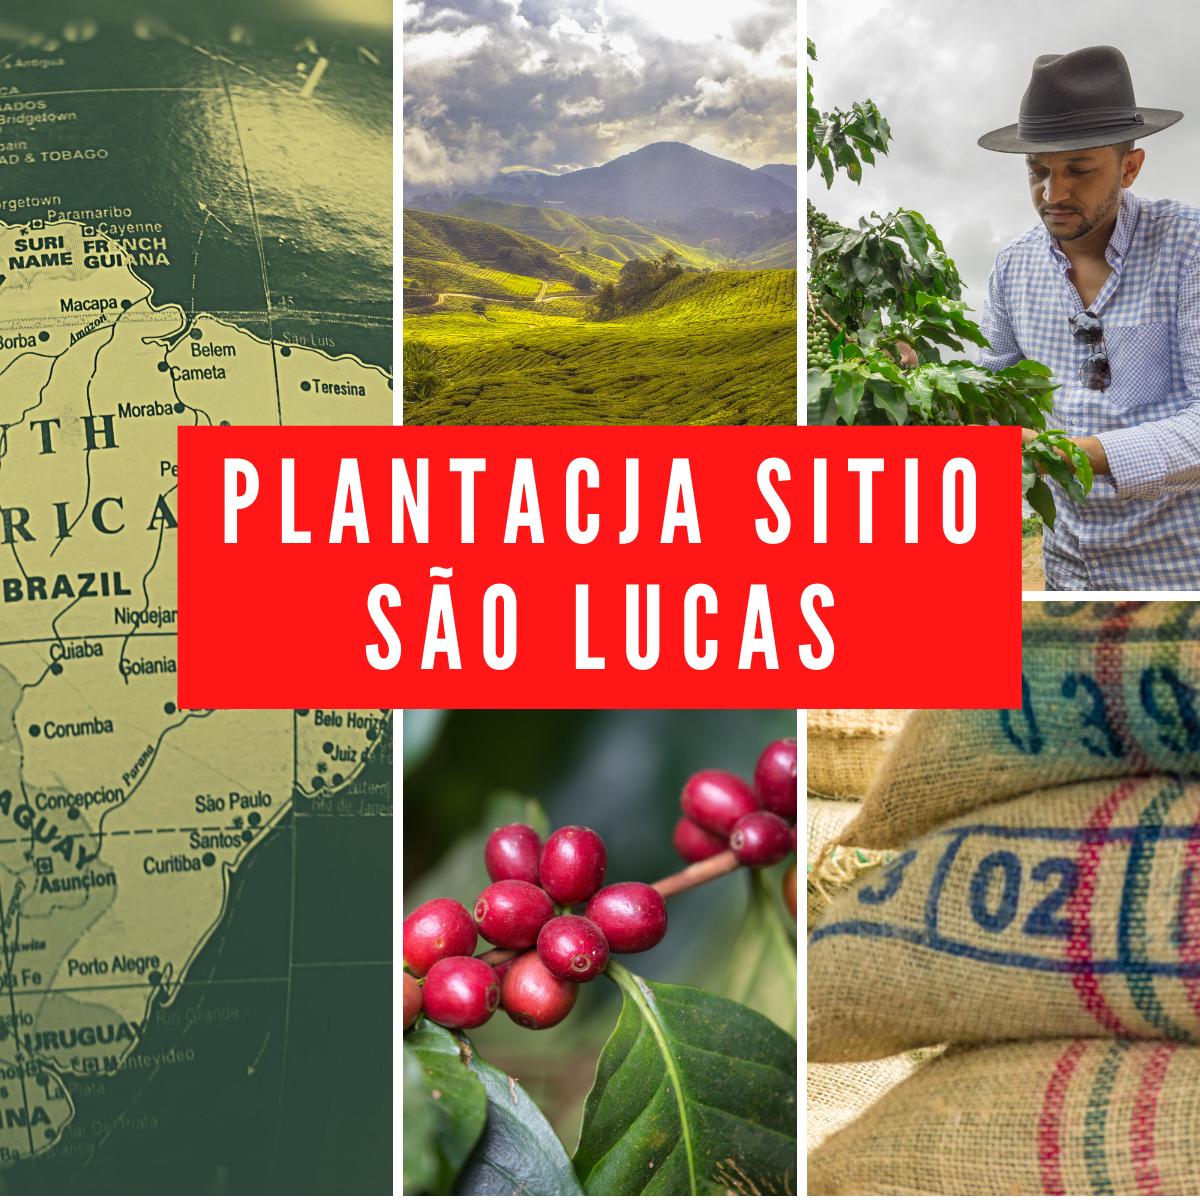 Plantacja Sitio Sao Lucas